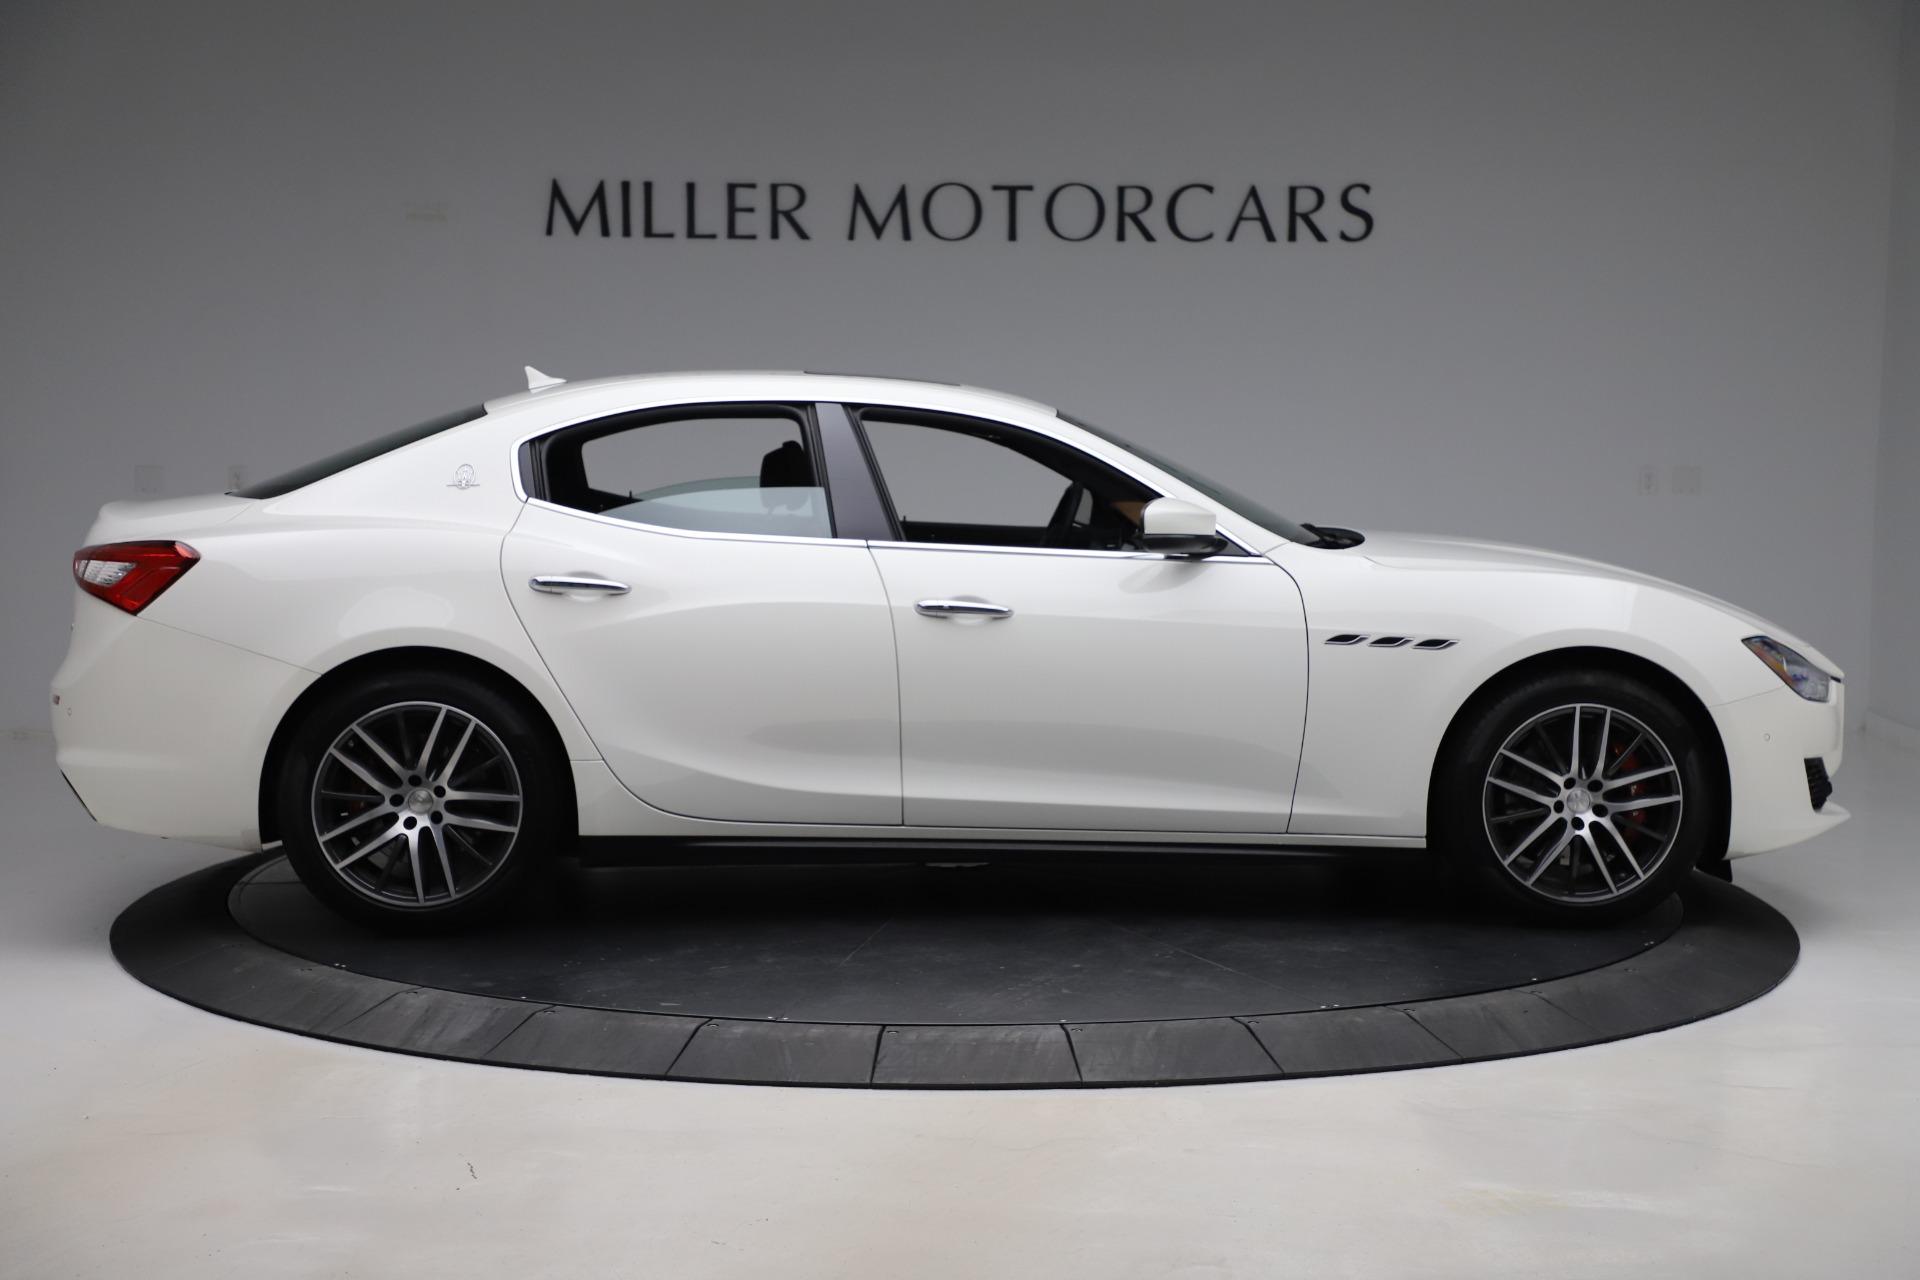 New 2019 Maserati Ghibli S Q4 For Sale In Greenwich, CT 2879_p9